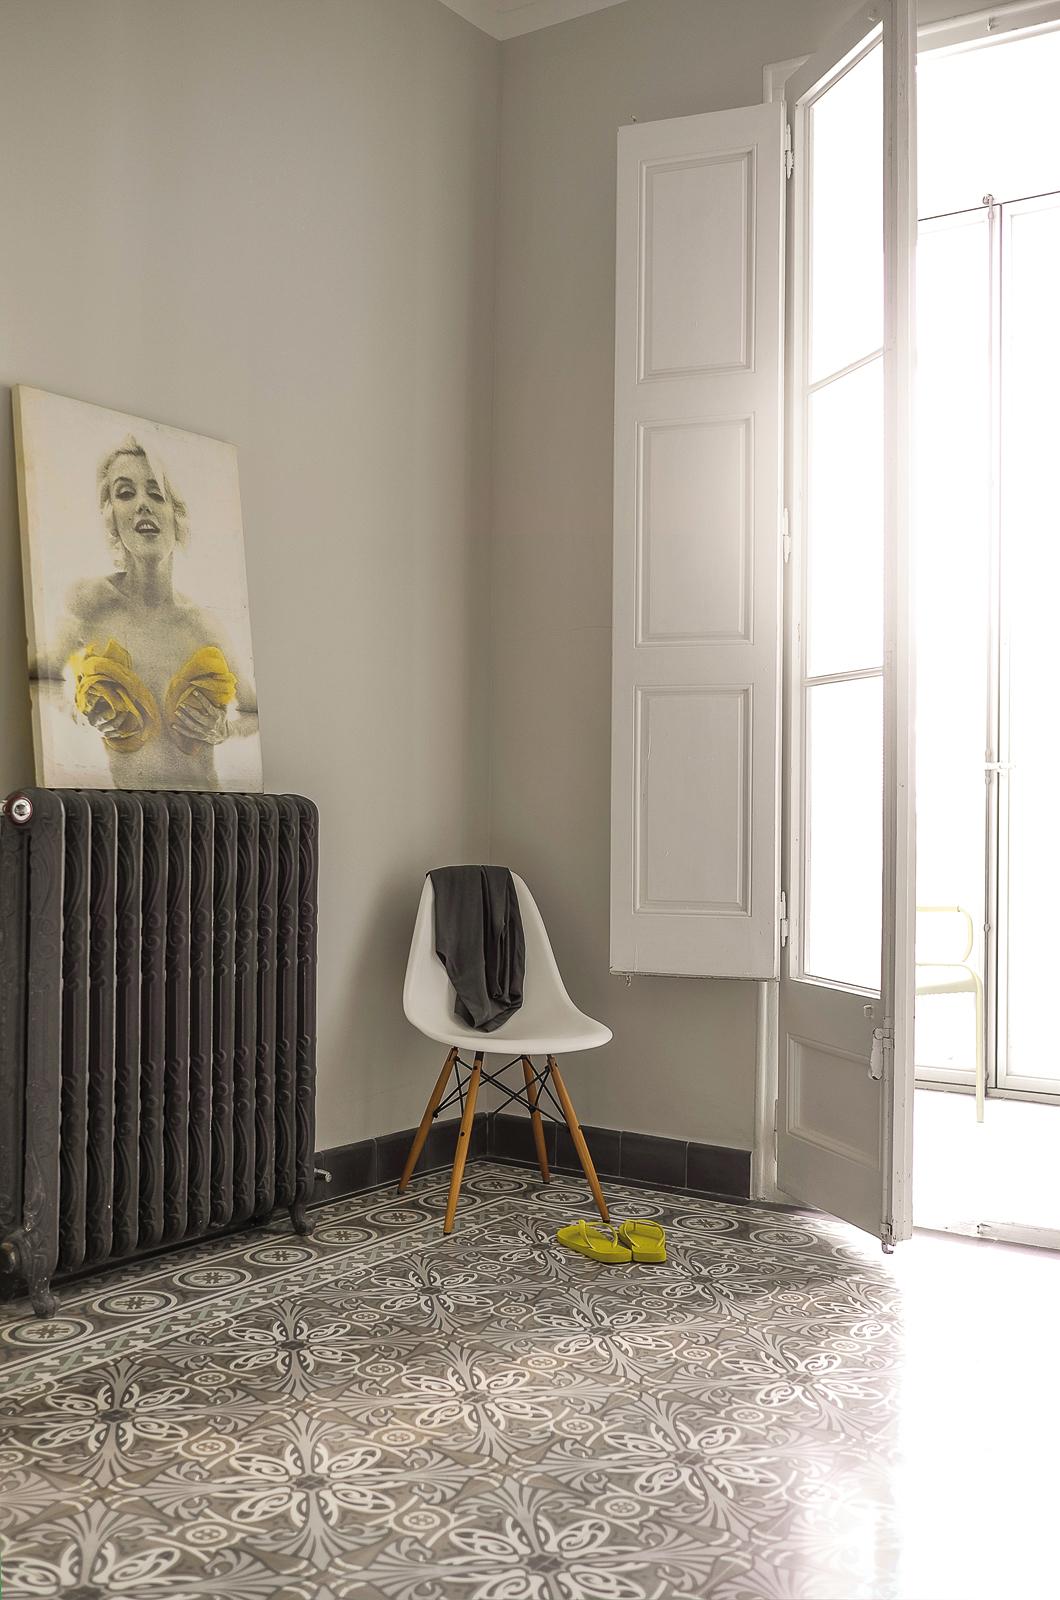 VIA Zementmosaikplatten-nr.51143-schlafzimmer-viaplatten | 51143